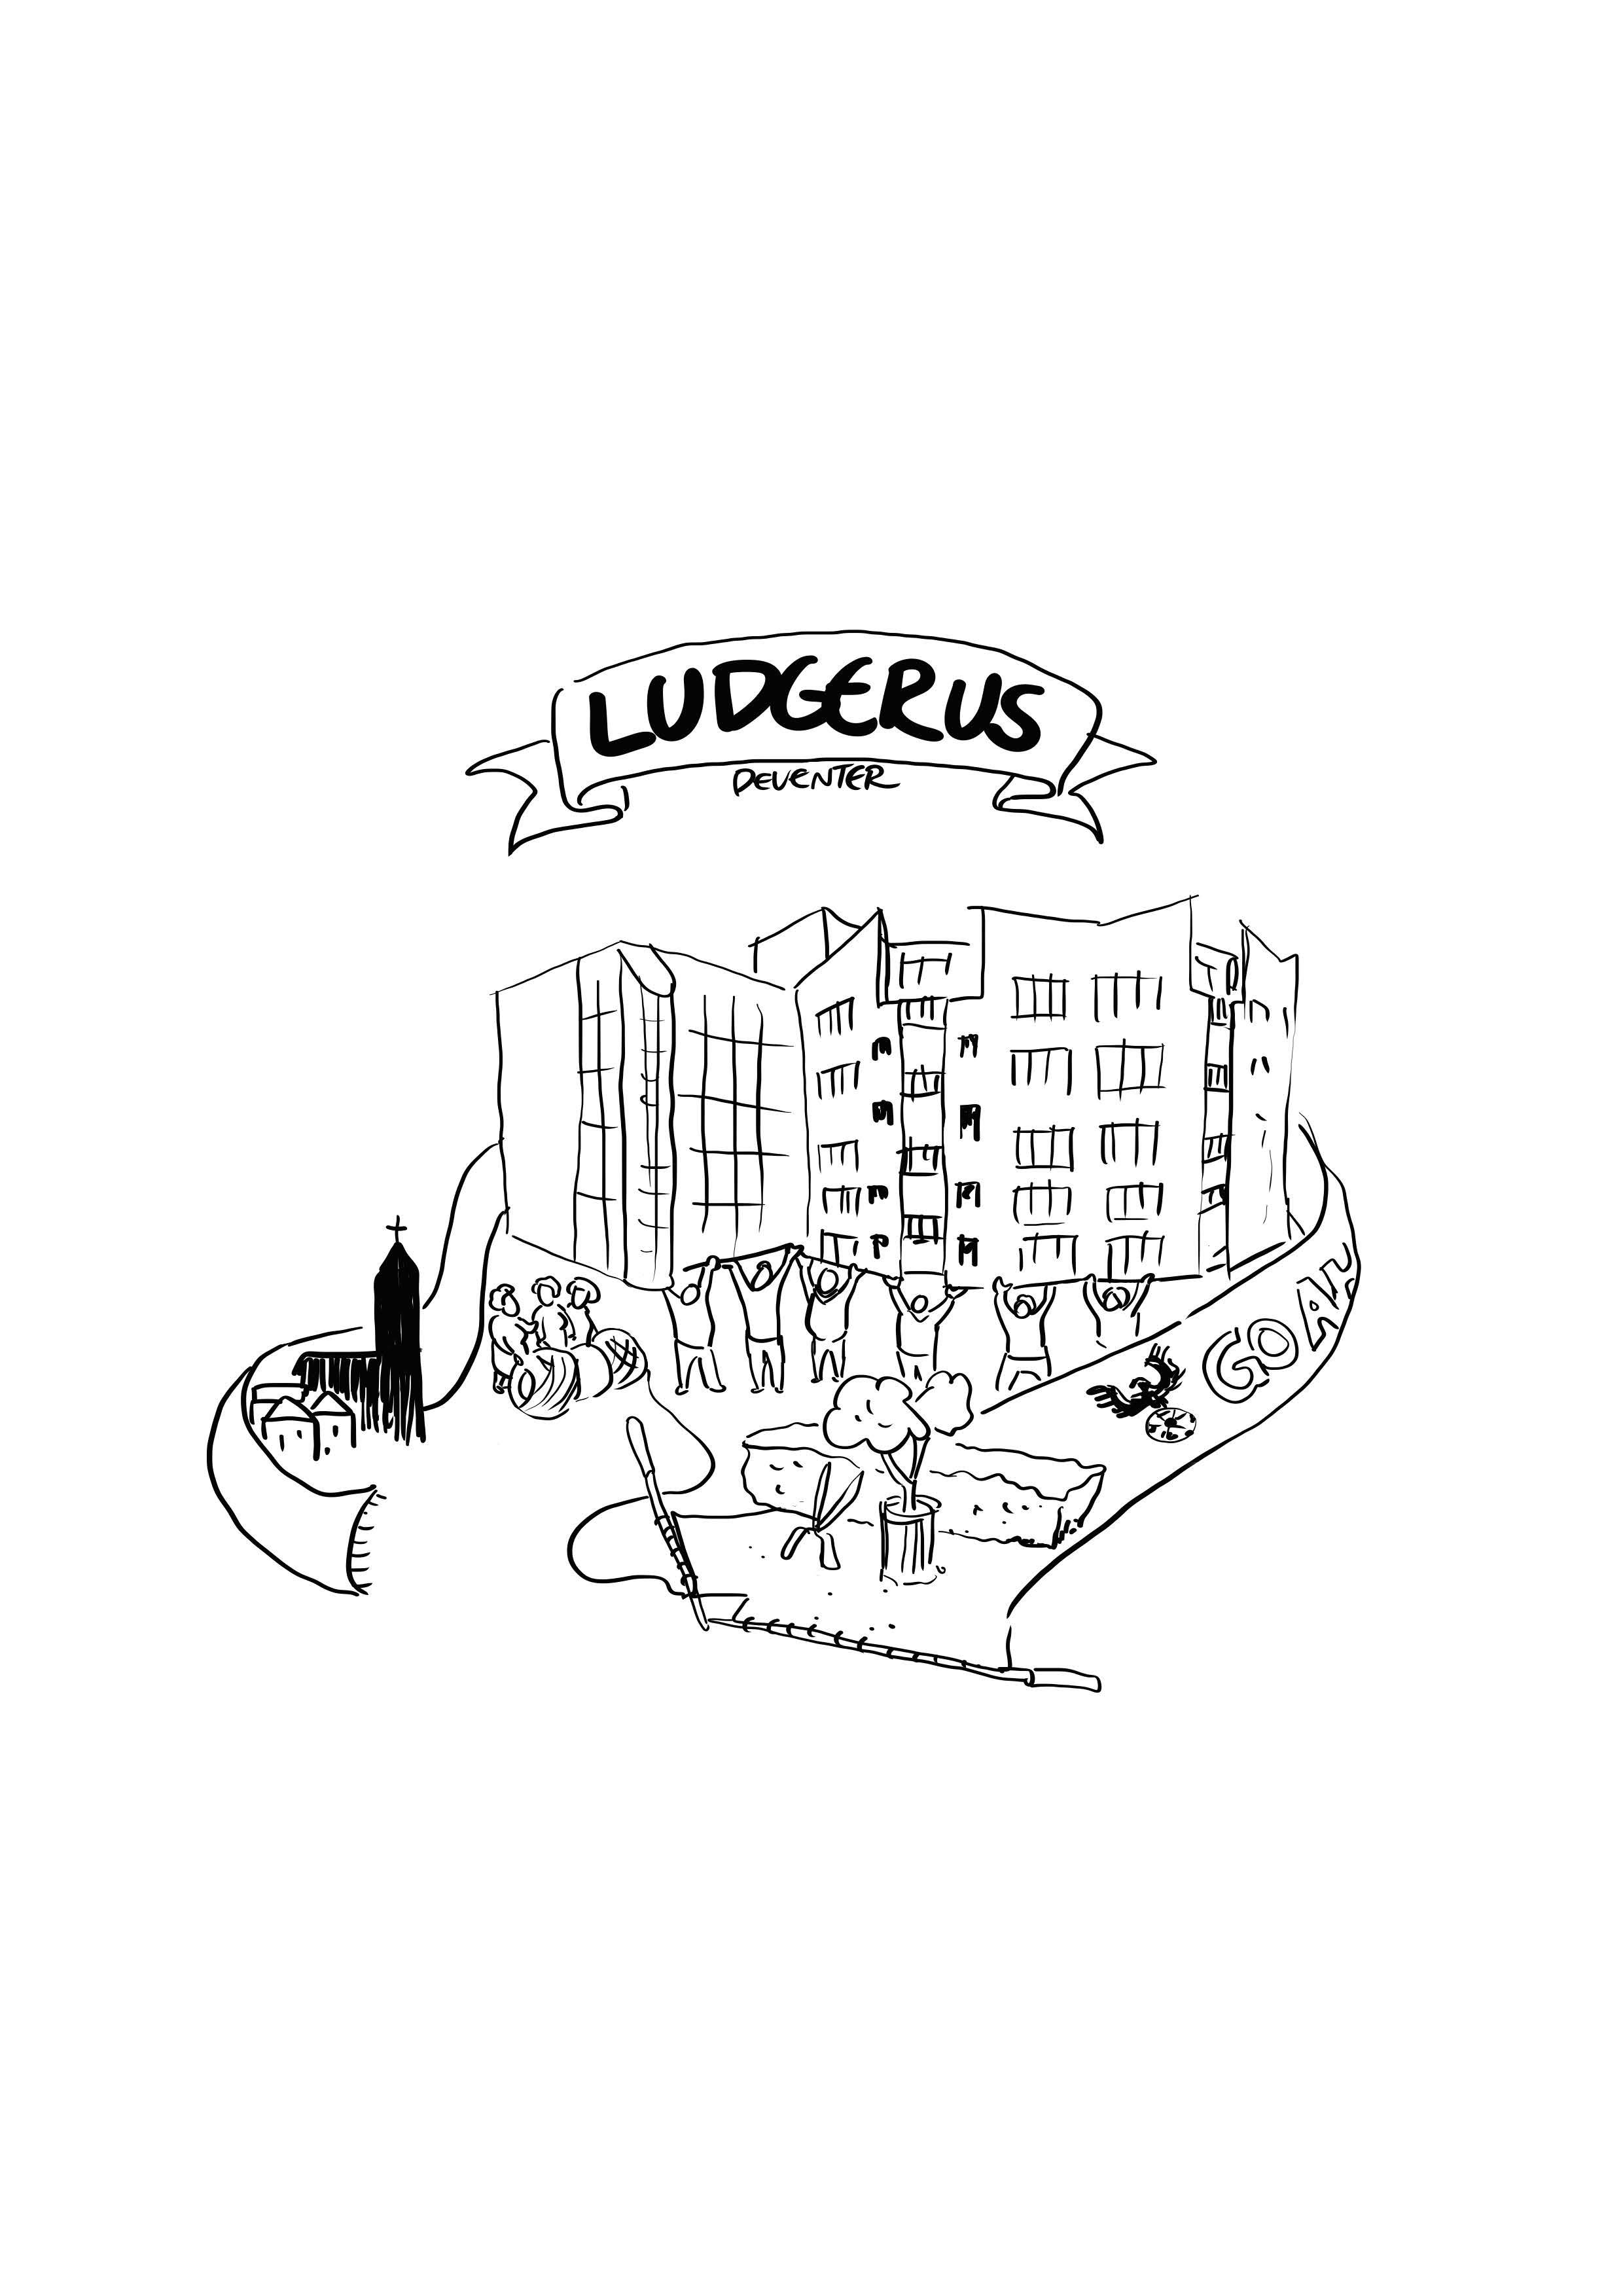 Tekening Ludgerus.jpg